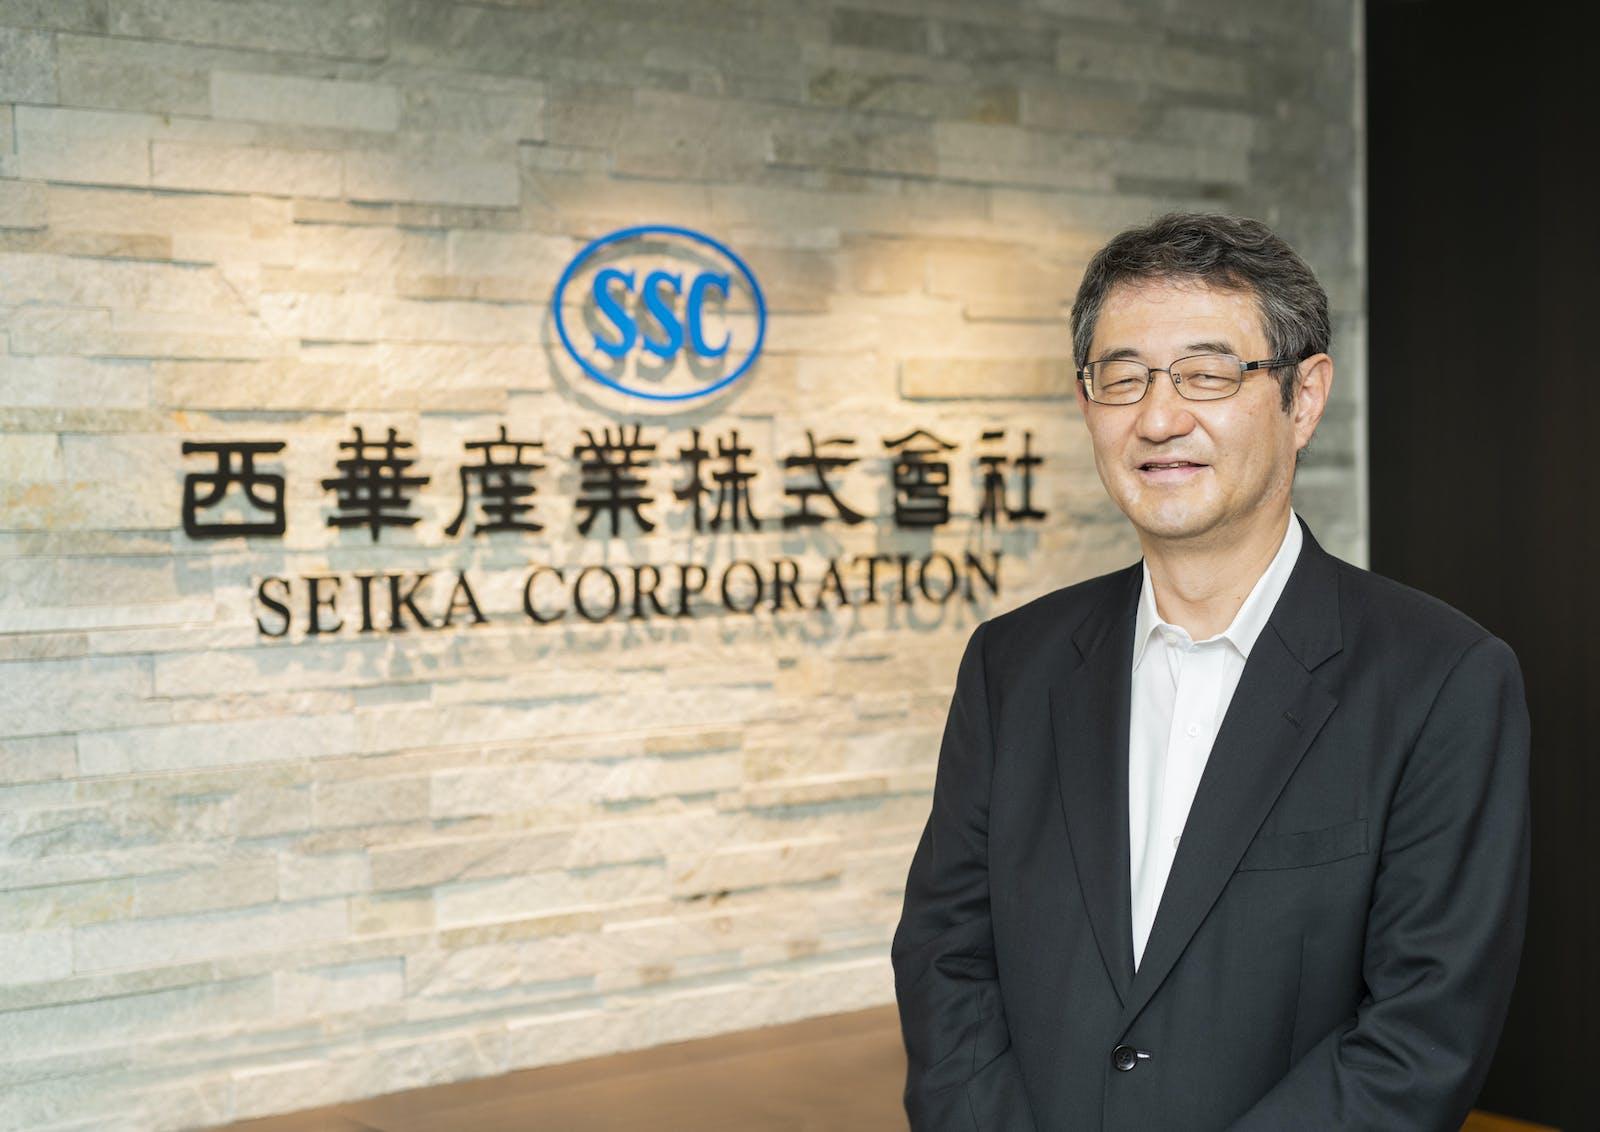 西華産業株式会社のアイキャッチ画像